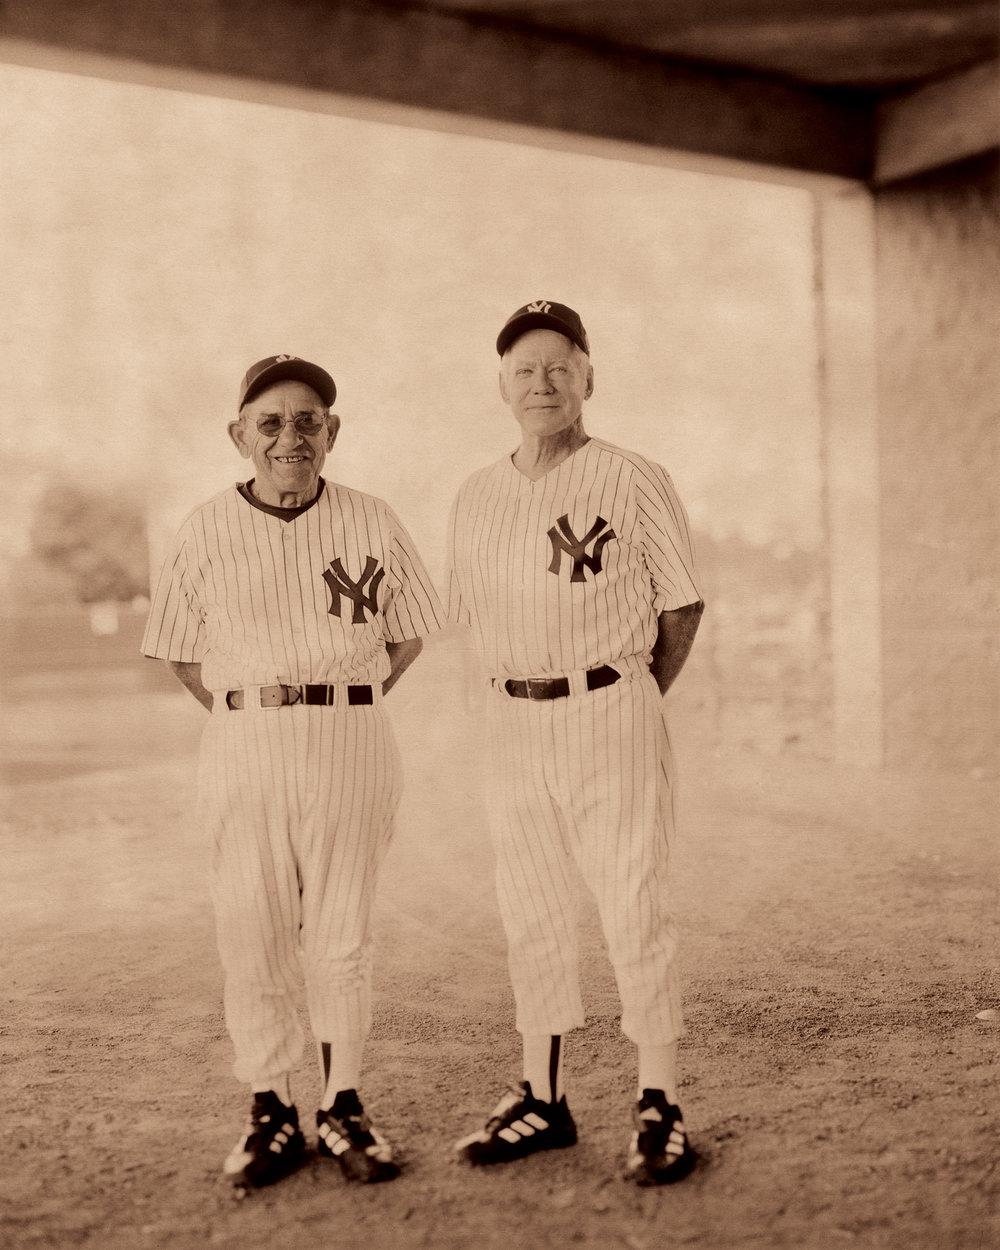 Yogi Berra & Whitey Ford, 2001